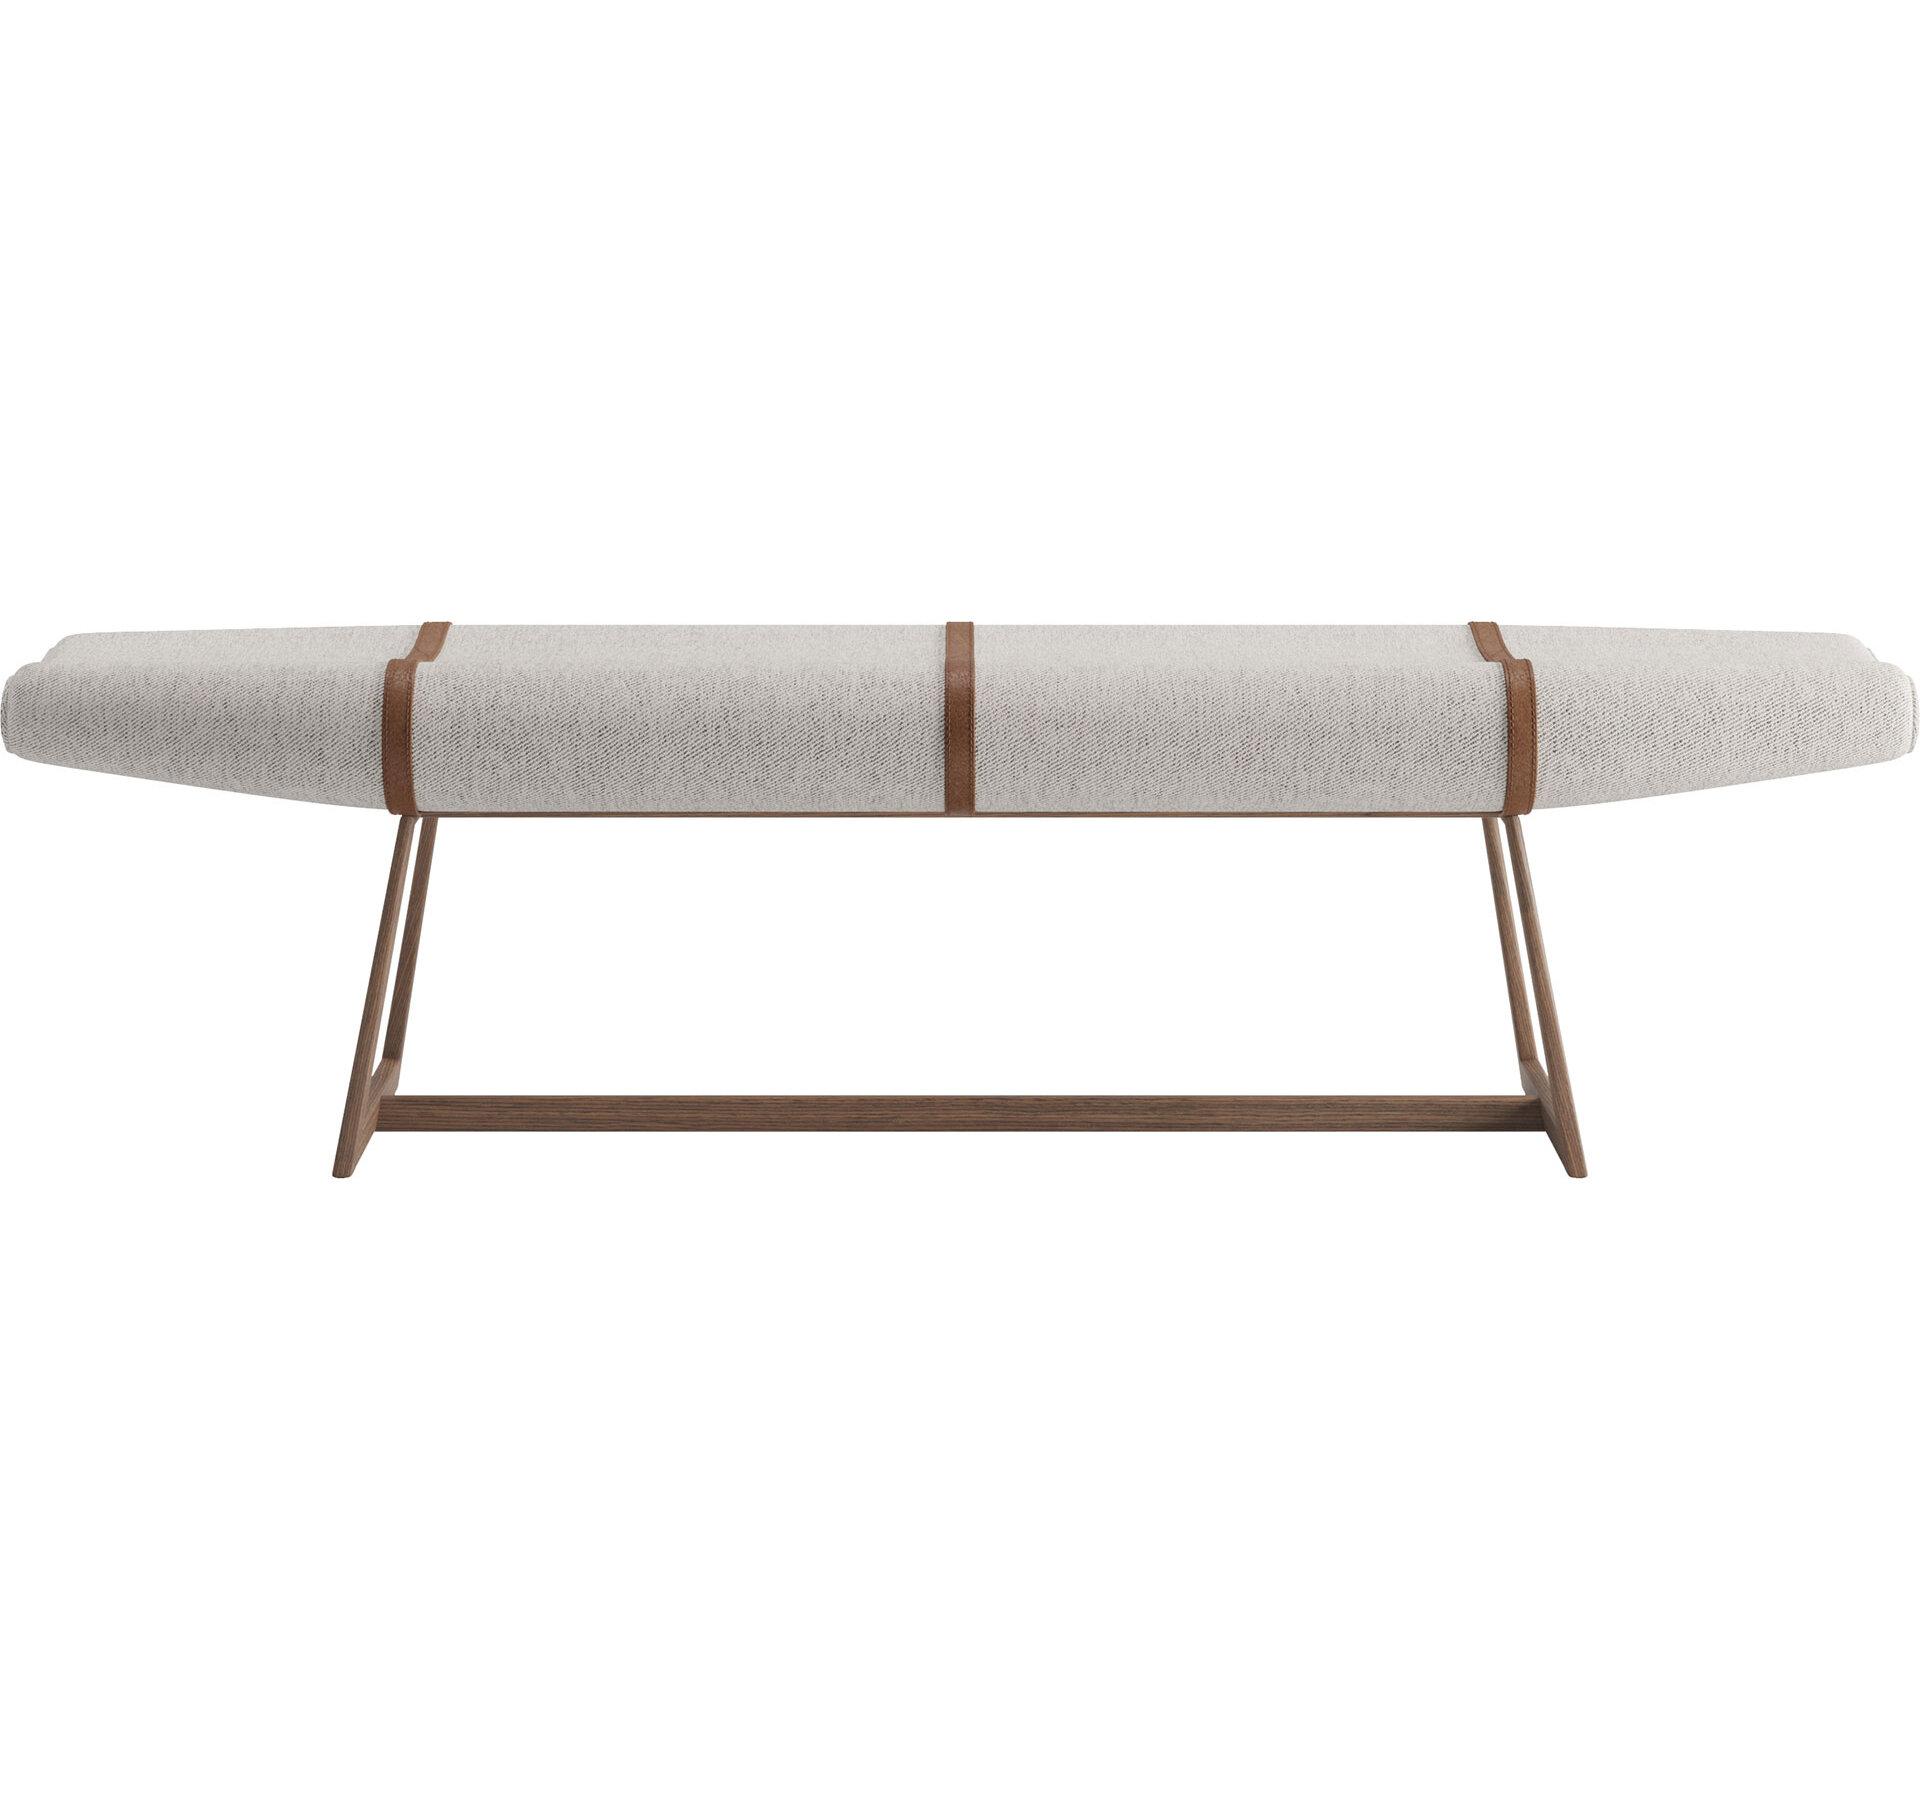 Awe Inspiring Carey Wood Bench Pabps2019 Chair Design Images Pabps2019Com